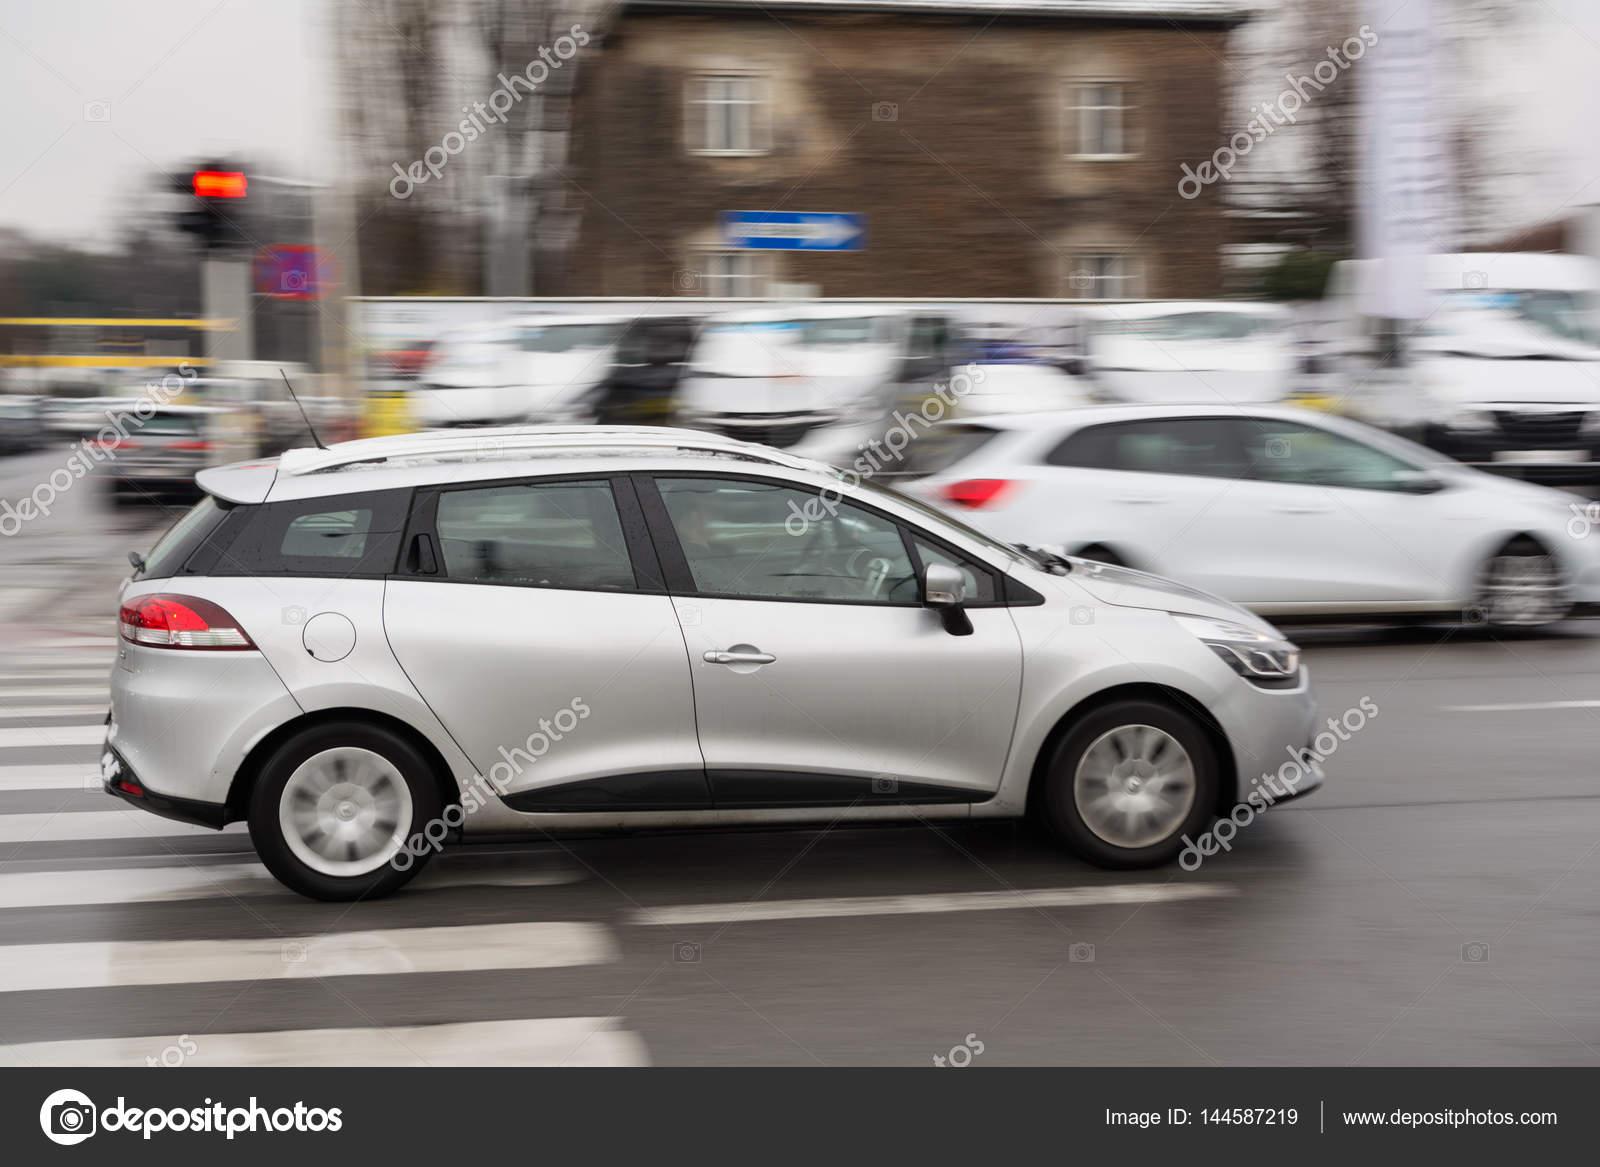 Wischen Sie Effekt - schnellen Autos — Stockfoto © alho007 #144587219